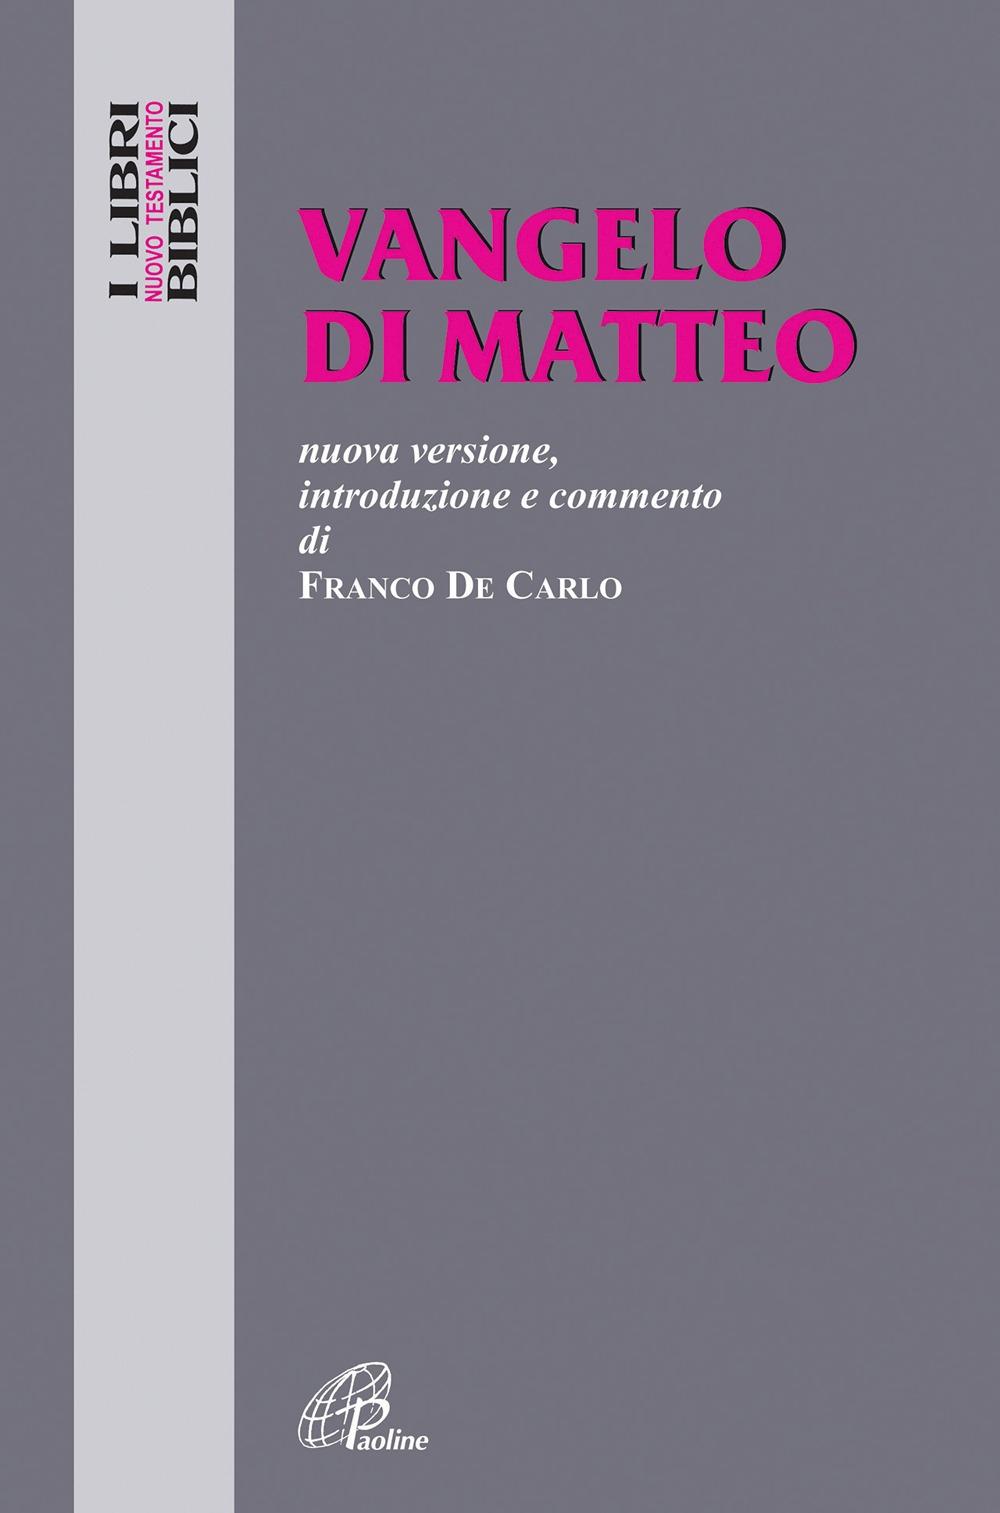 Vangelo di Matteo. Nuova versione, introduzione e commento.